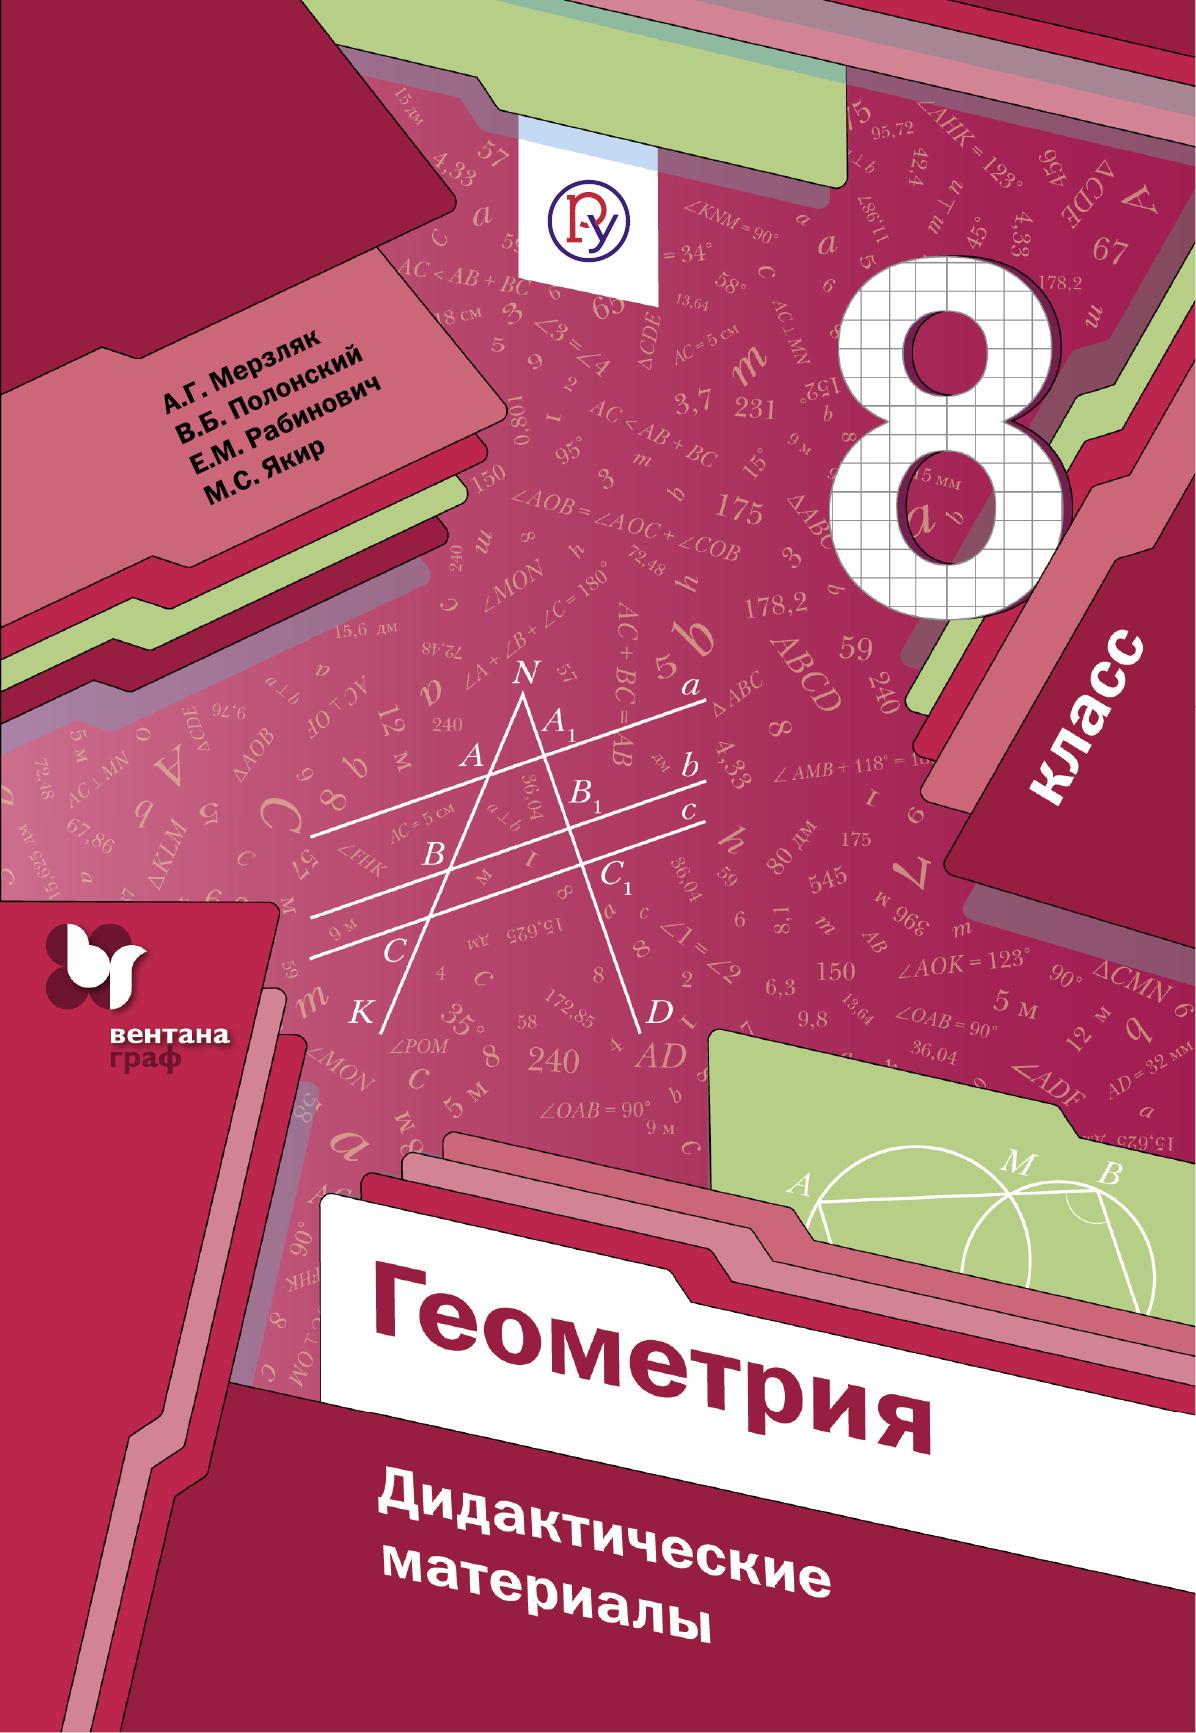 А. Г. Мерзляк Геометрия. Дидактические материалы. 8 класс г н солтан геометрия для самоподготовки 10 класс